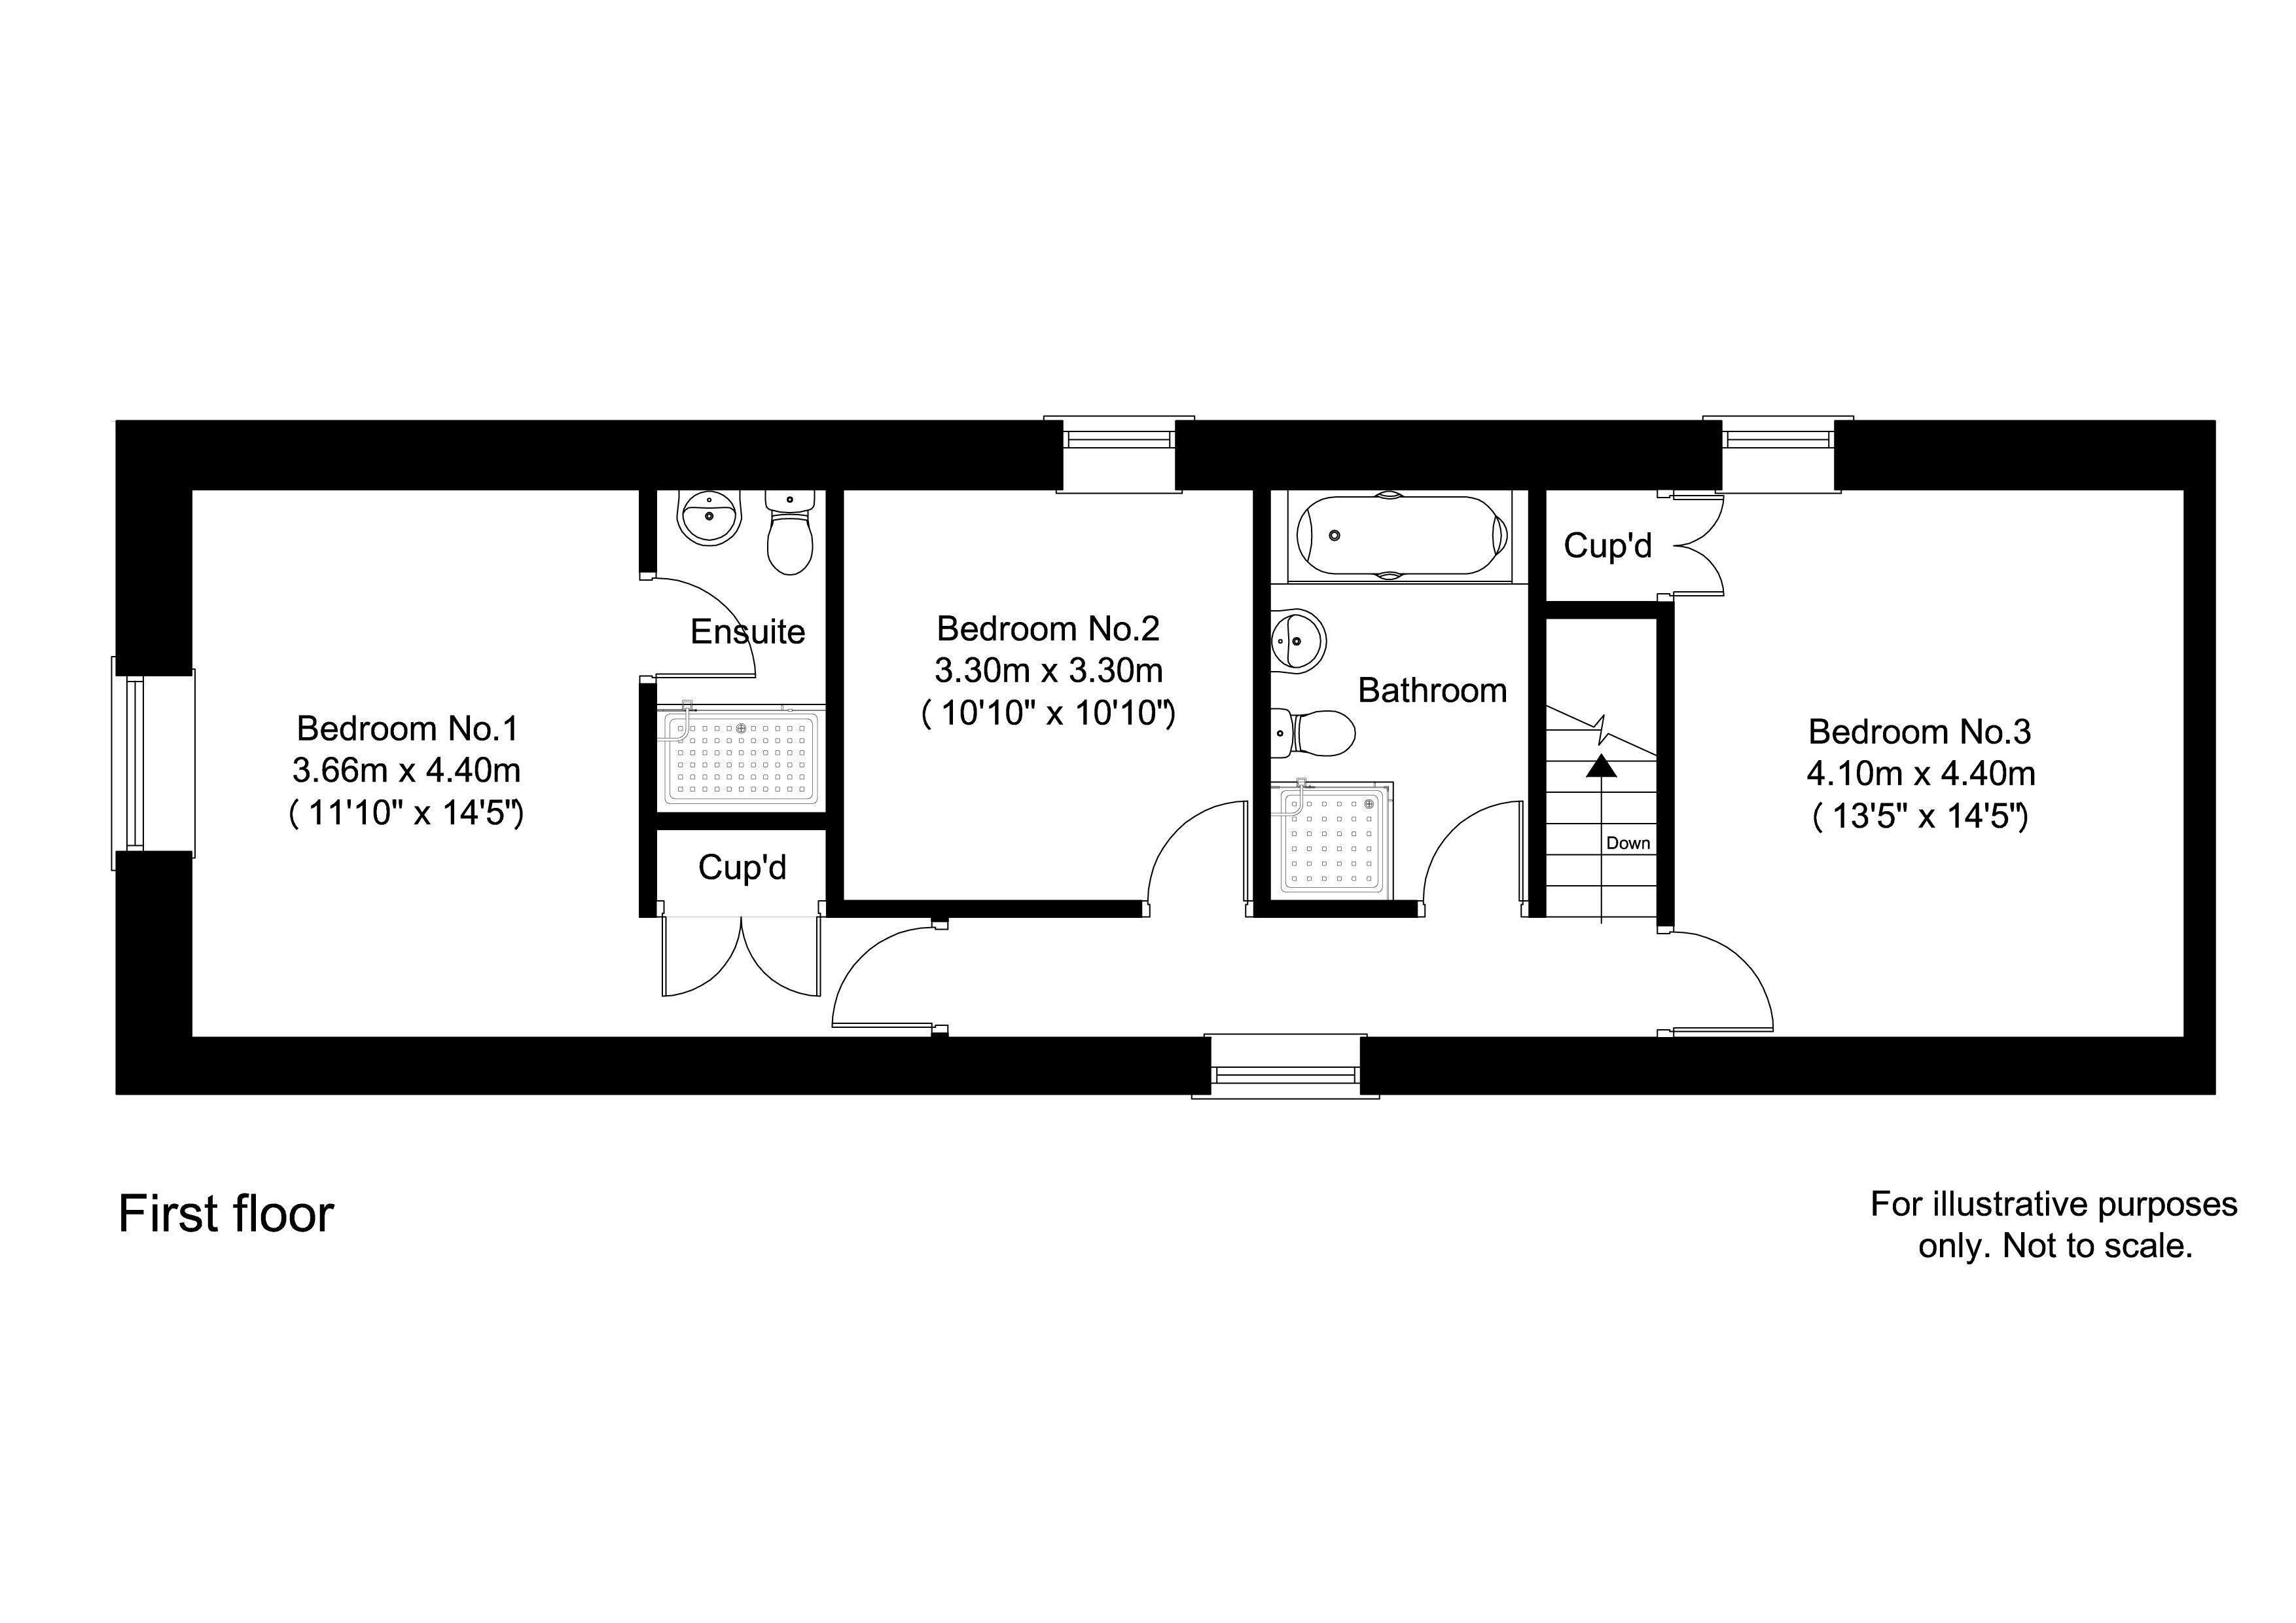 Floorplan - First